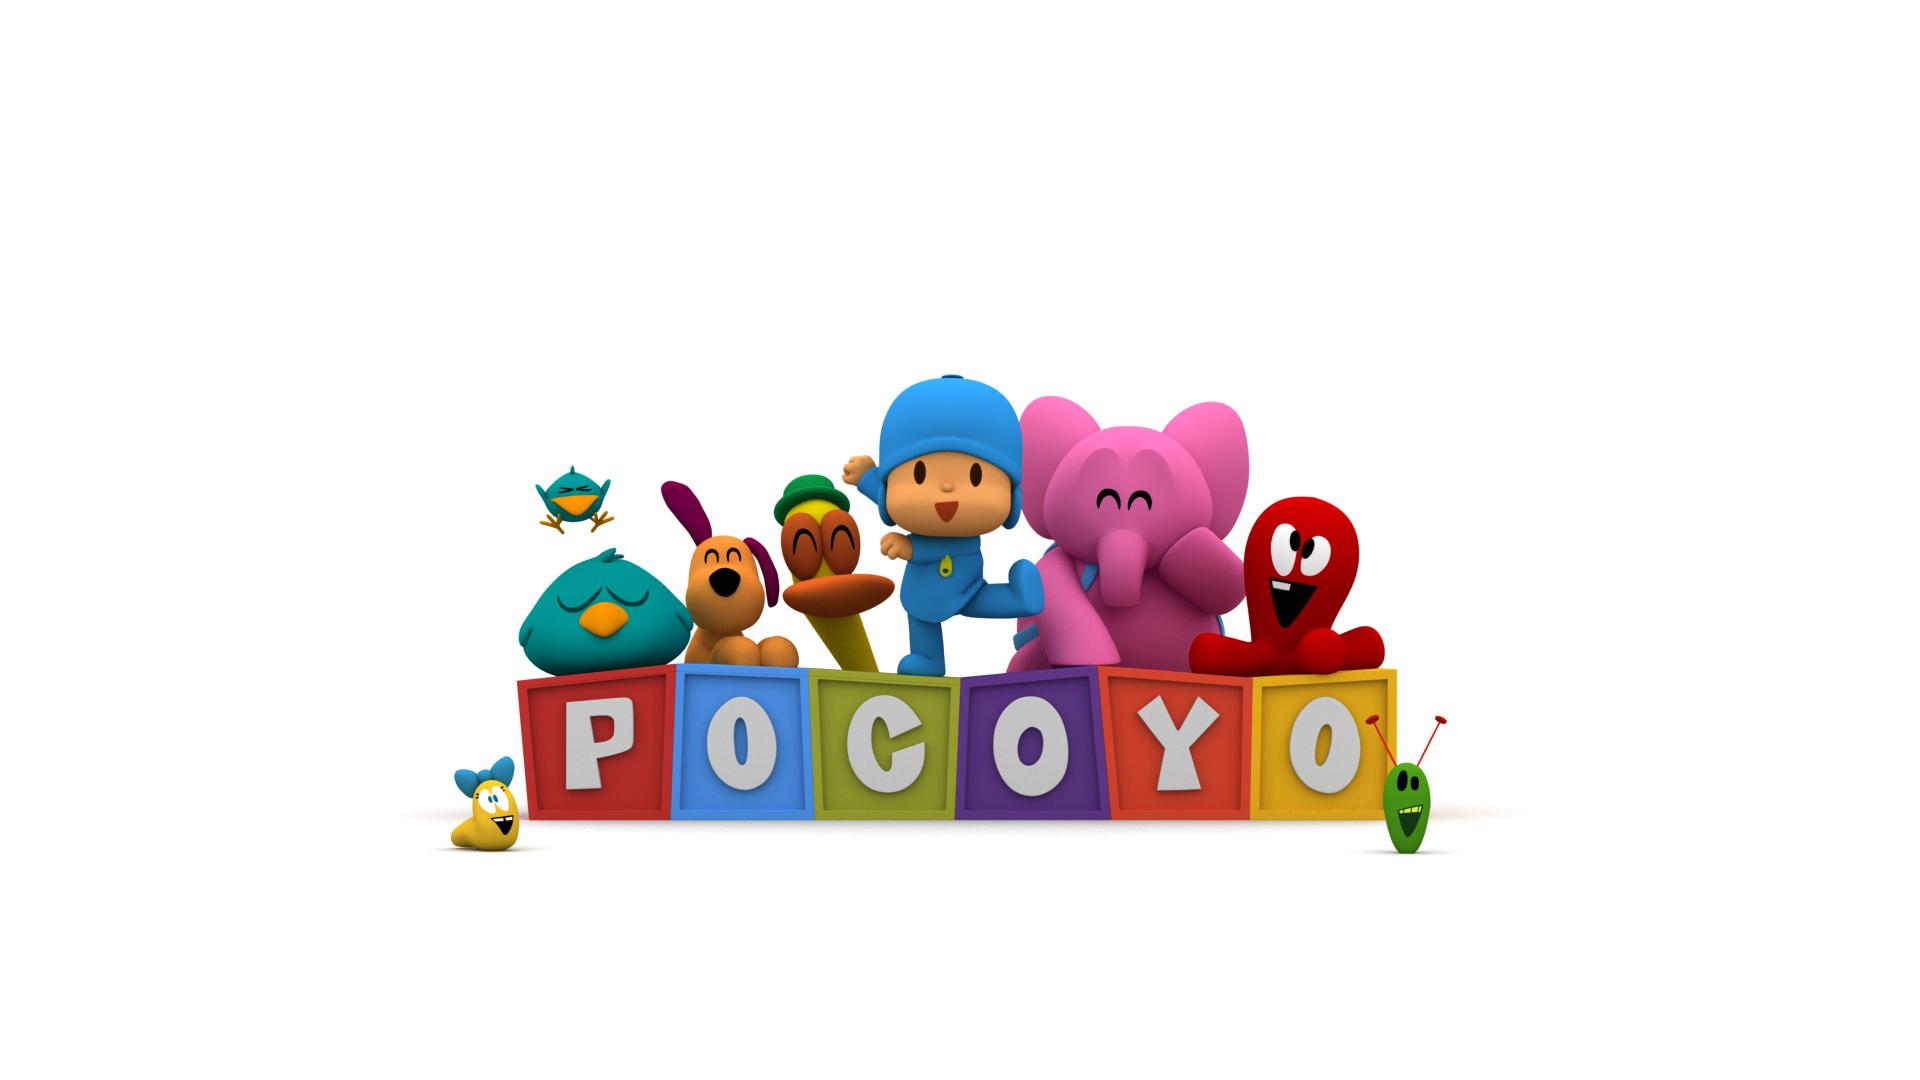 Pocoyo Cartoon Characters